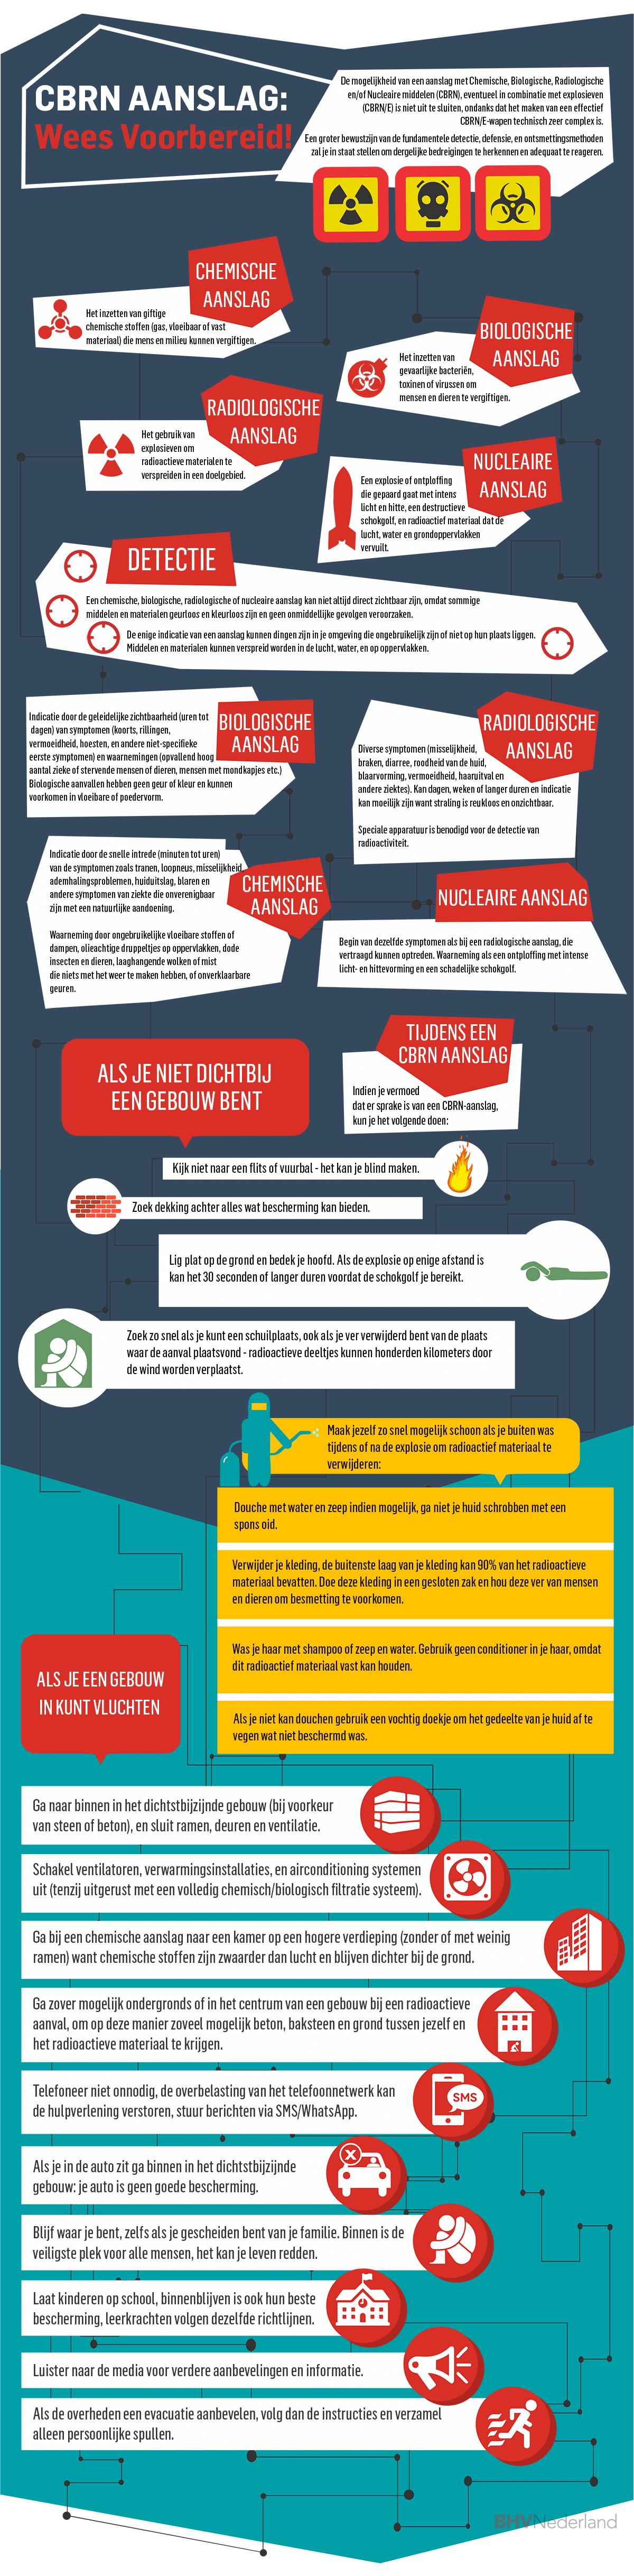 Hoe overleef je een terroristische aanslag?